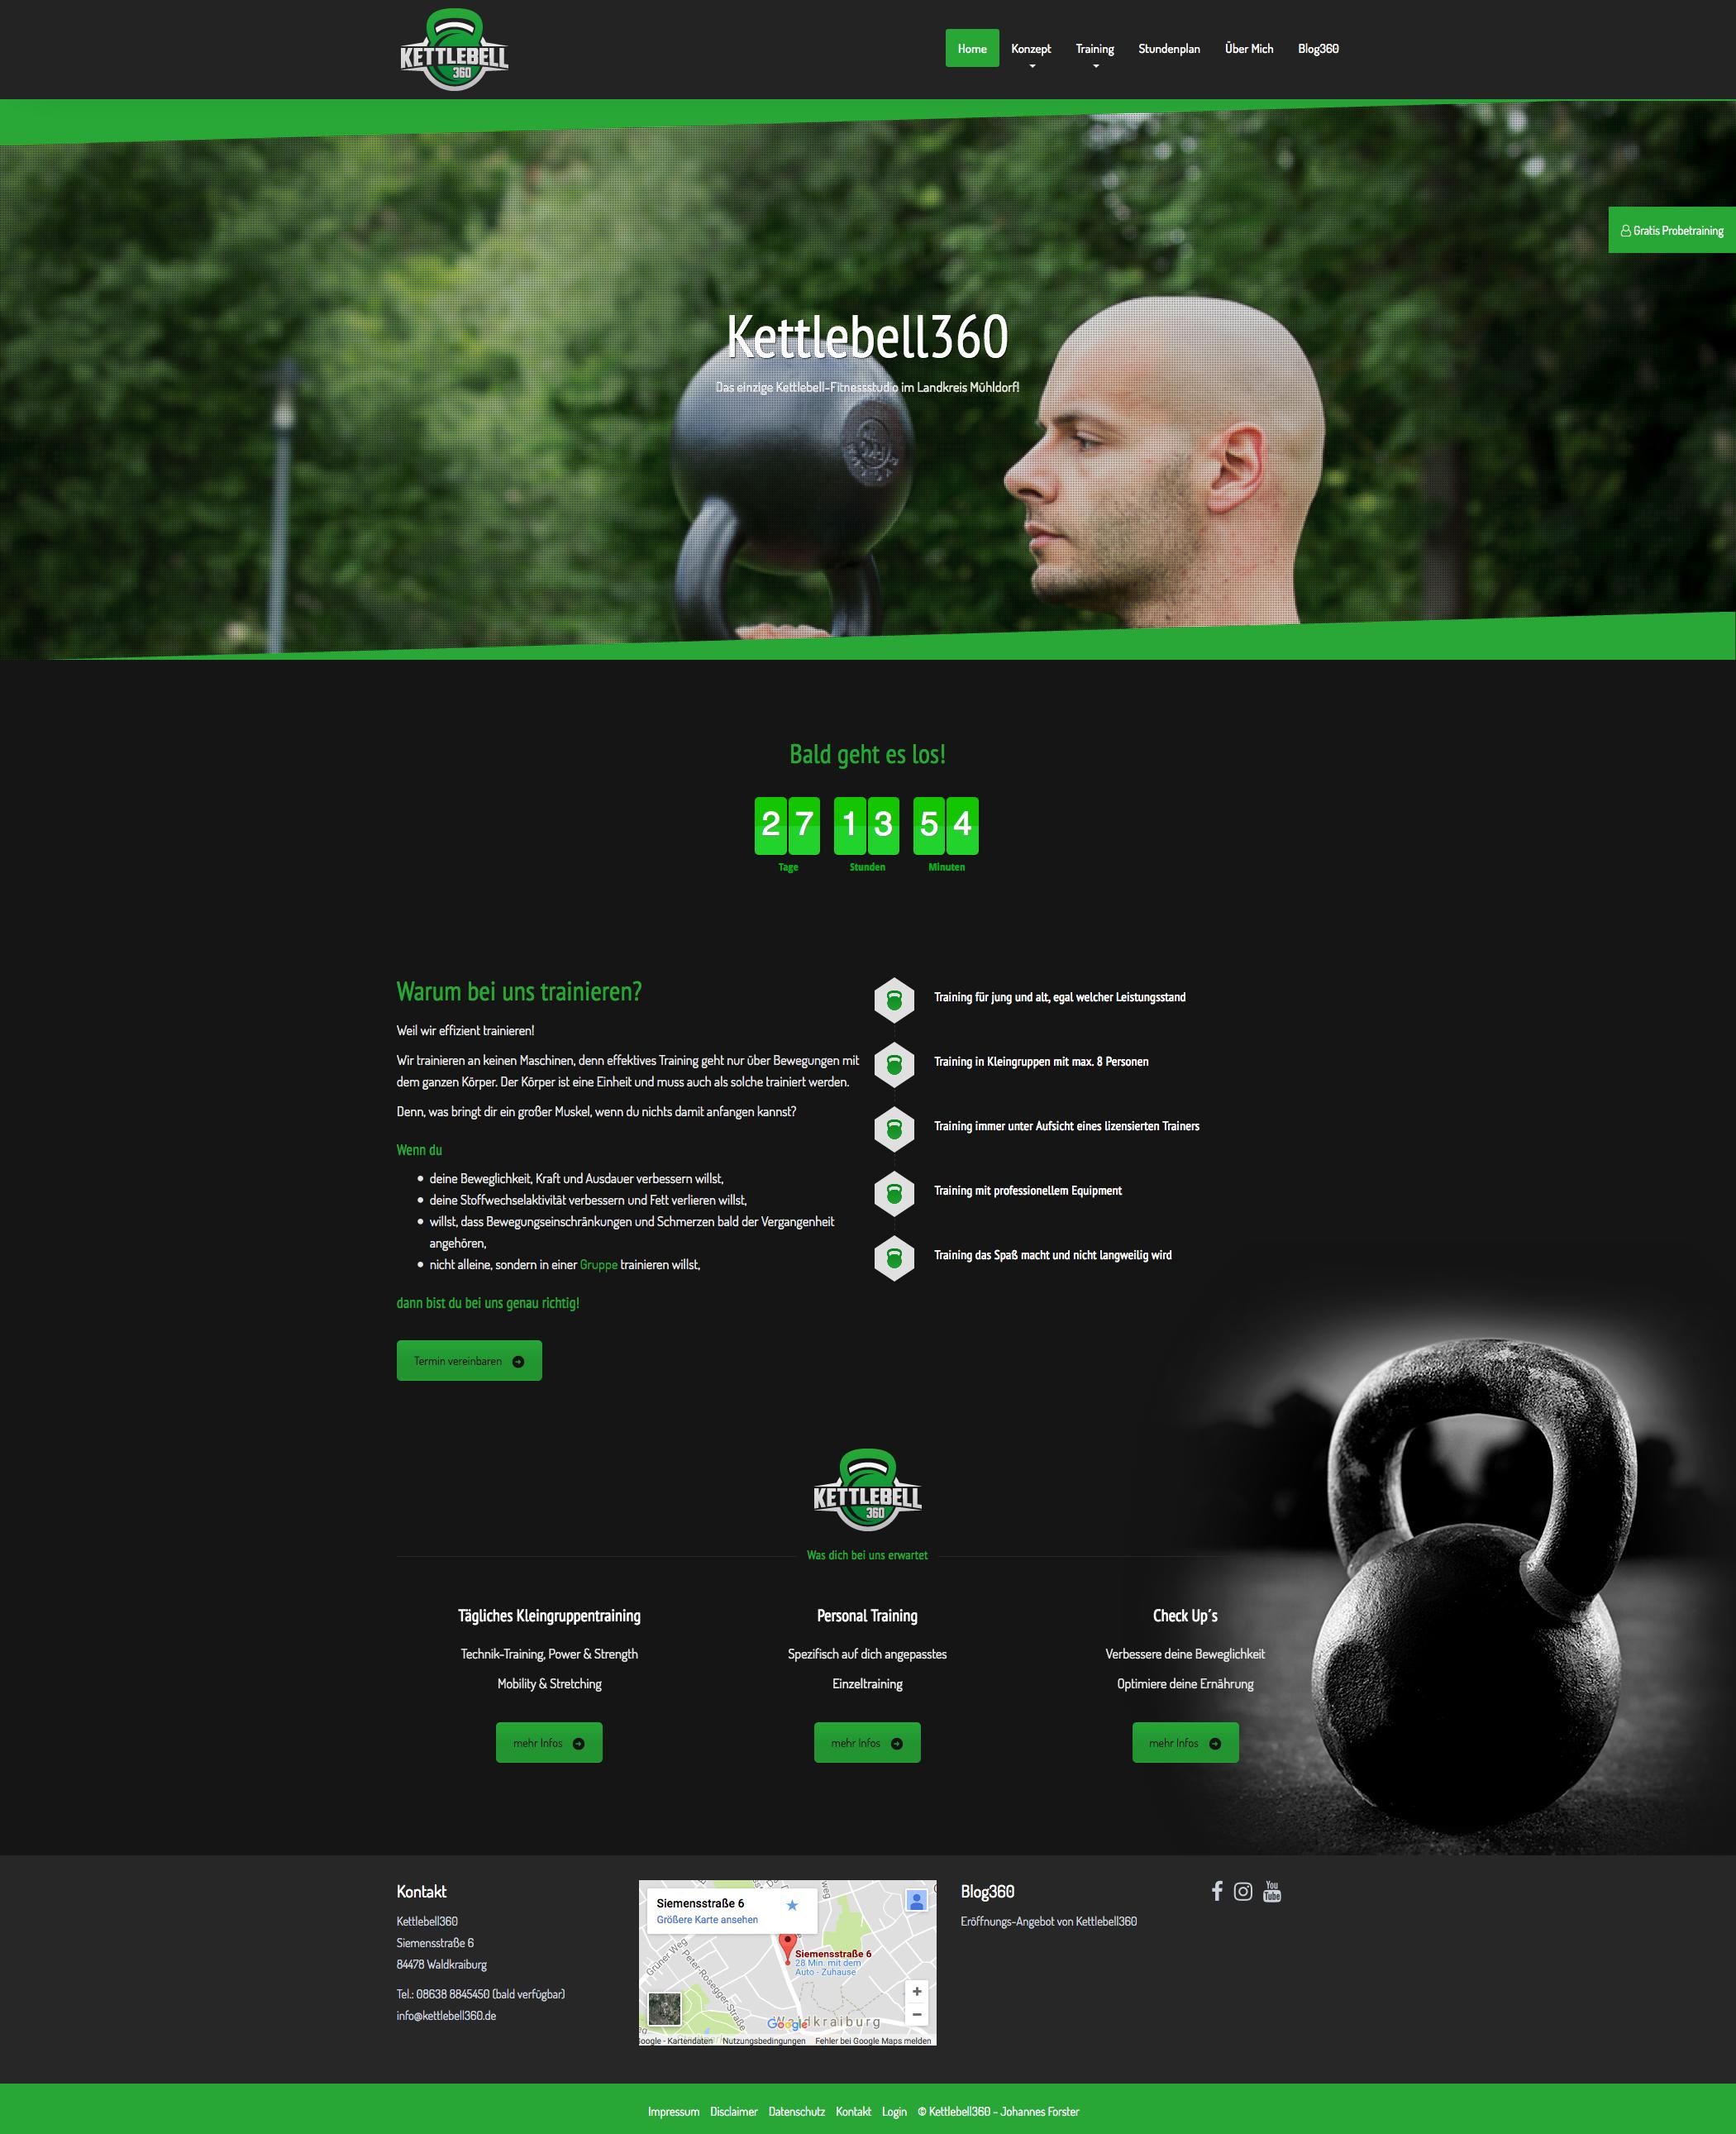 Website Kettlebell360 - Johannes Forster